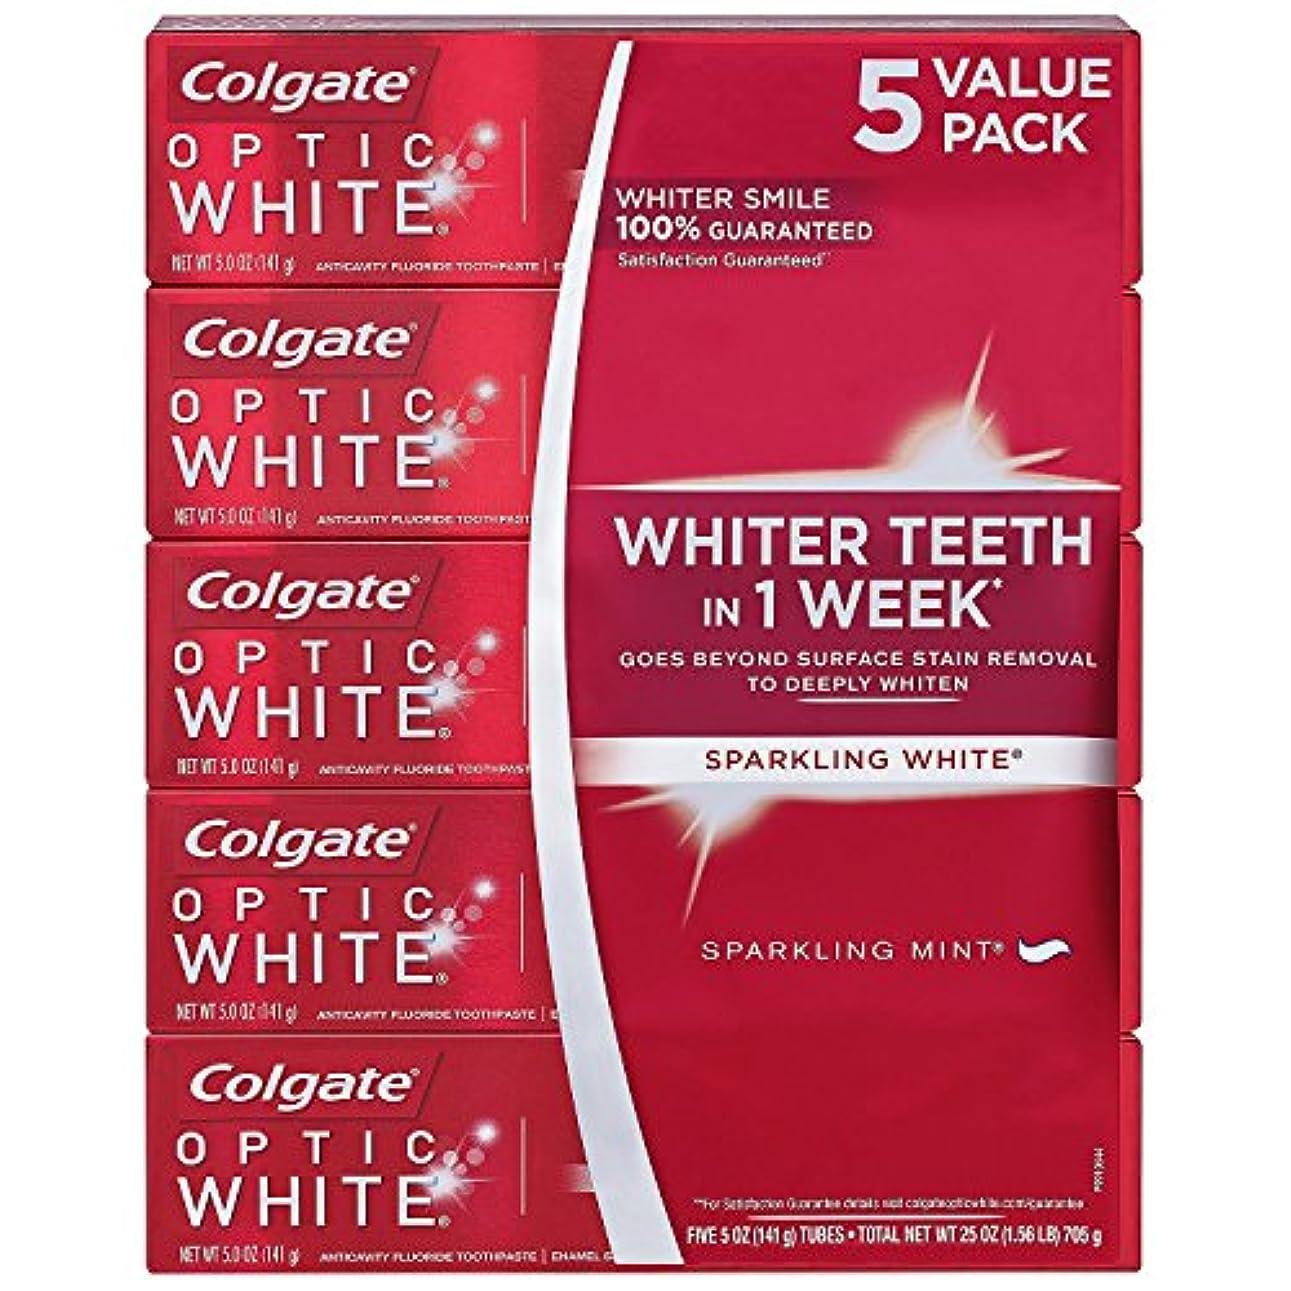 危険にさらされているテニス限定海外直送品 Colgate Optic White コルゲート オプティック ホワイト スパークリングミント141g ×5本 [Pack of 5]